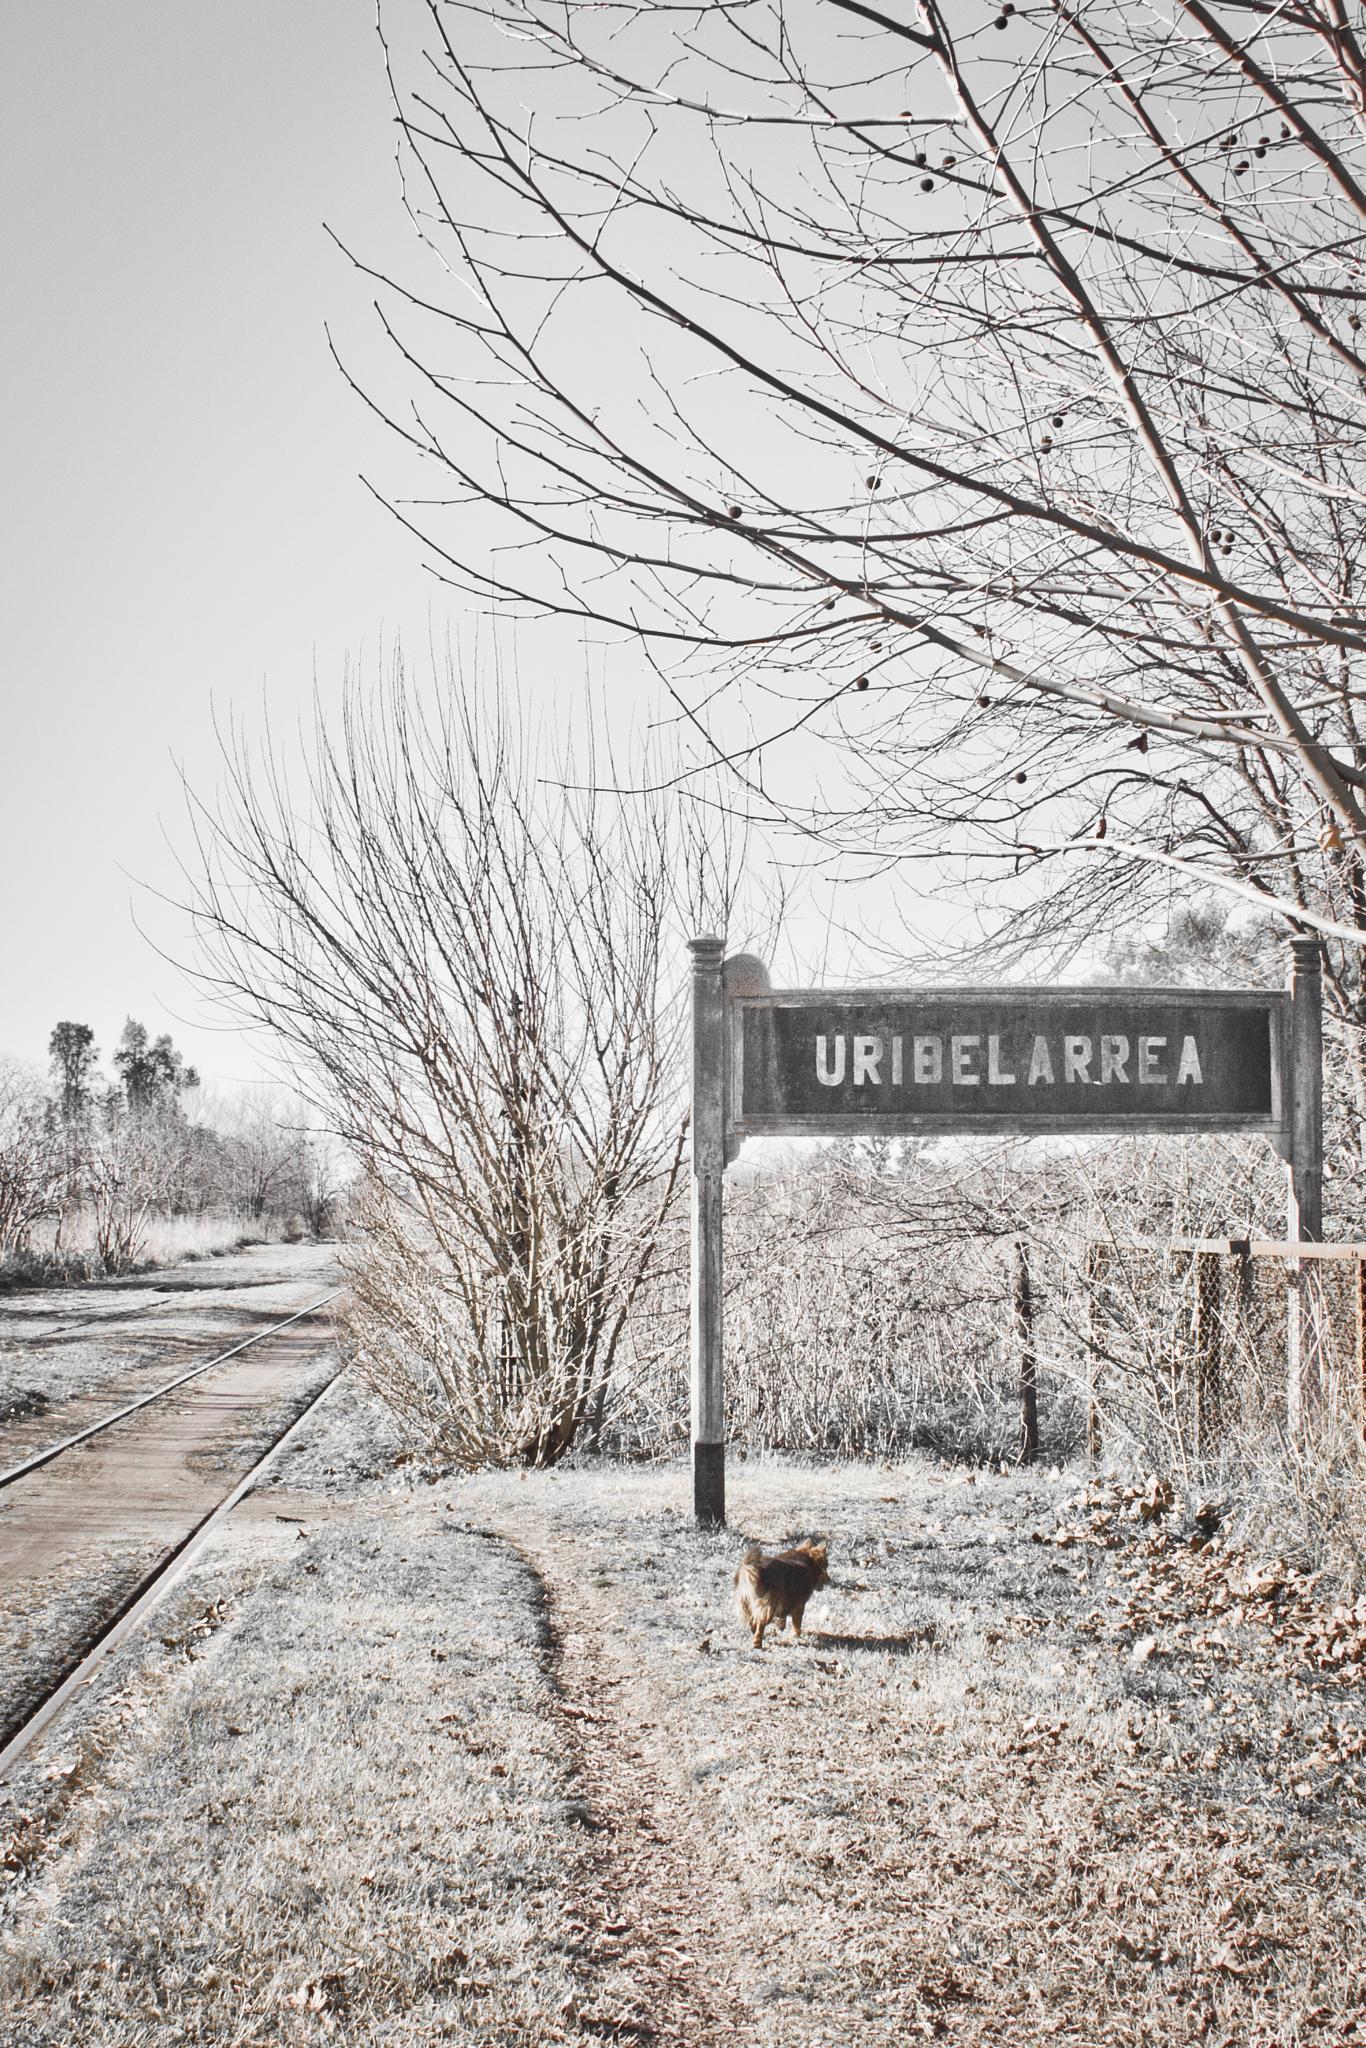 La estación by Marcedelrio